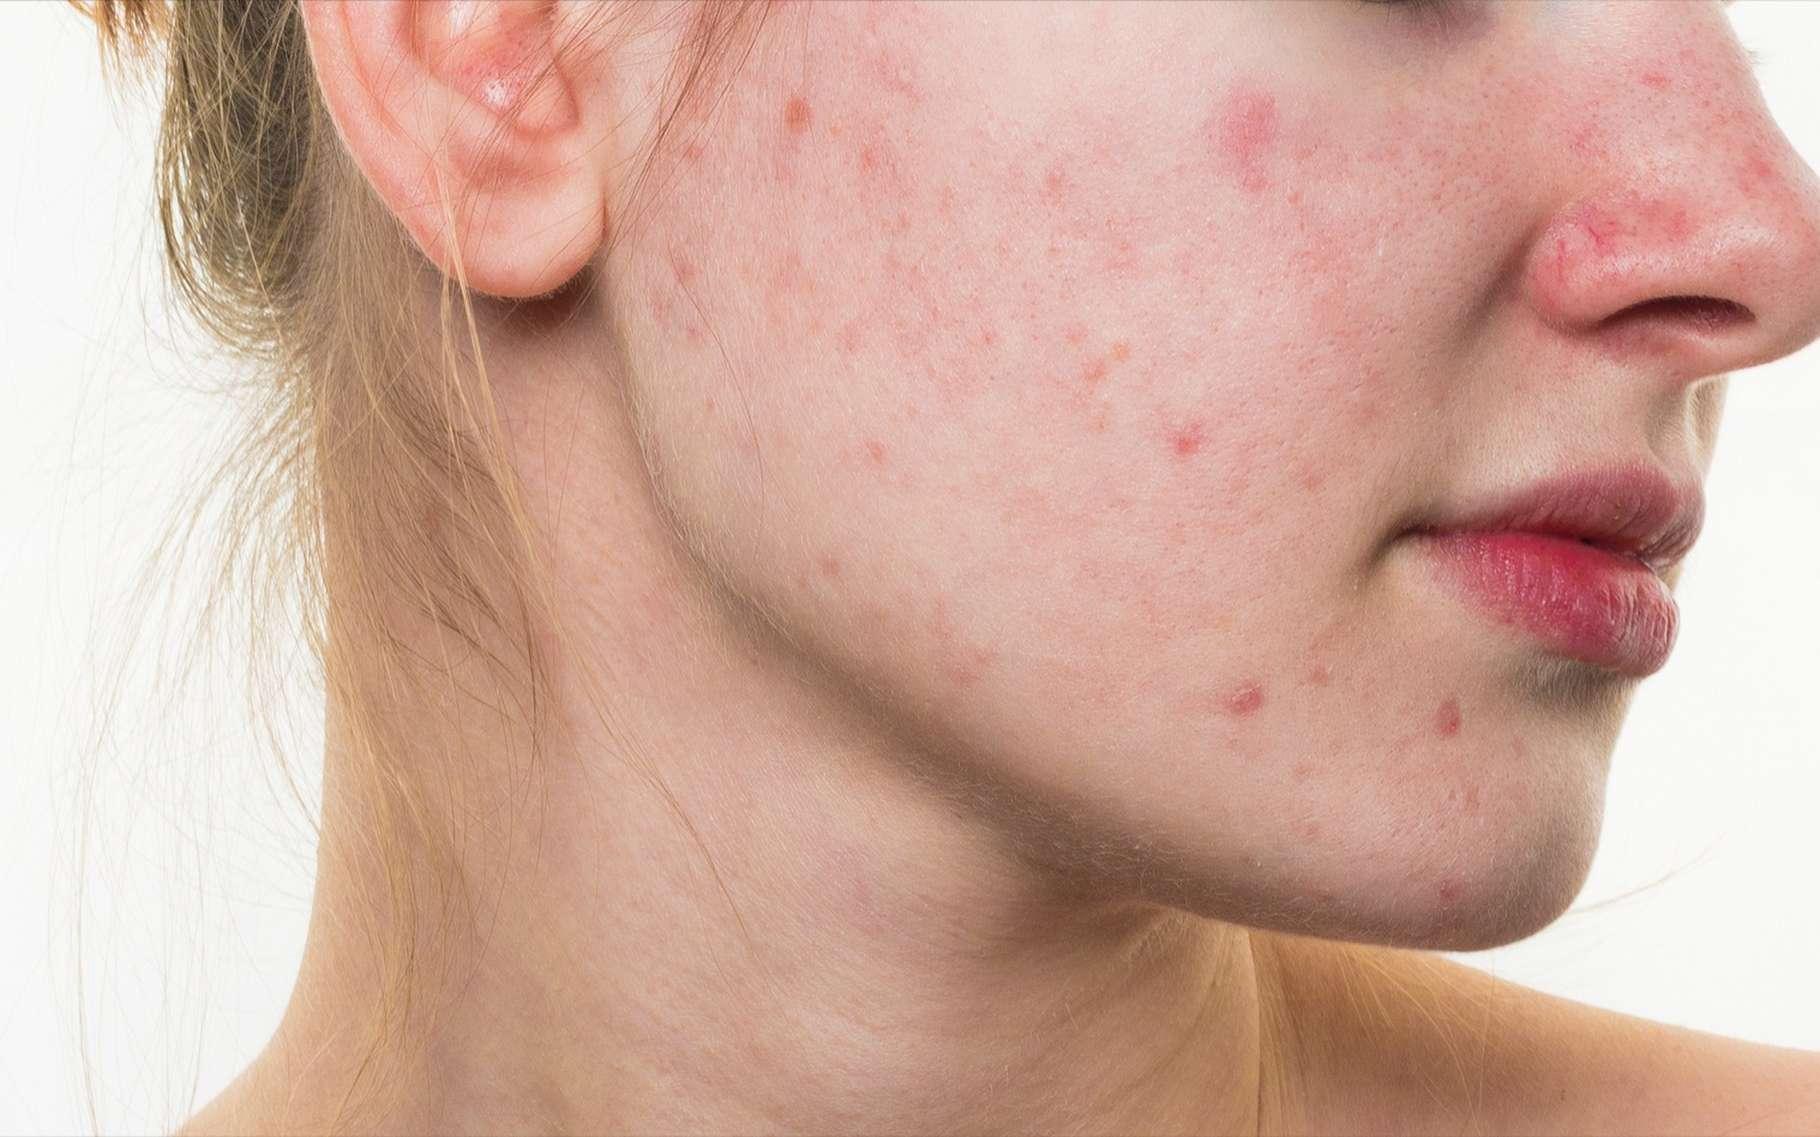 L'acné est souvent difficile à vivre pour les ados et les jeunes adultes. Mais elle pourrait être le signe d'une peau qui vieillira moins vite. © Loginova Elena, Shutterstock